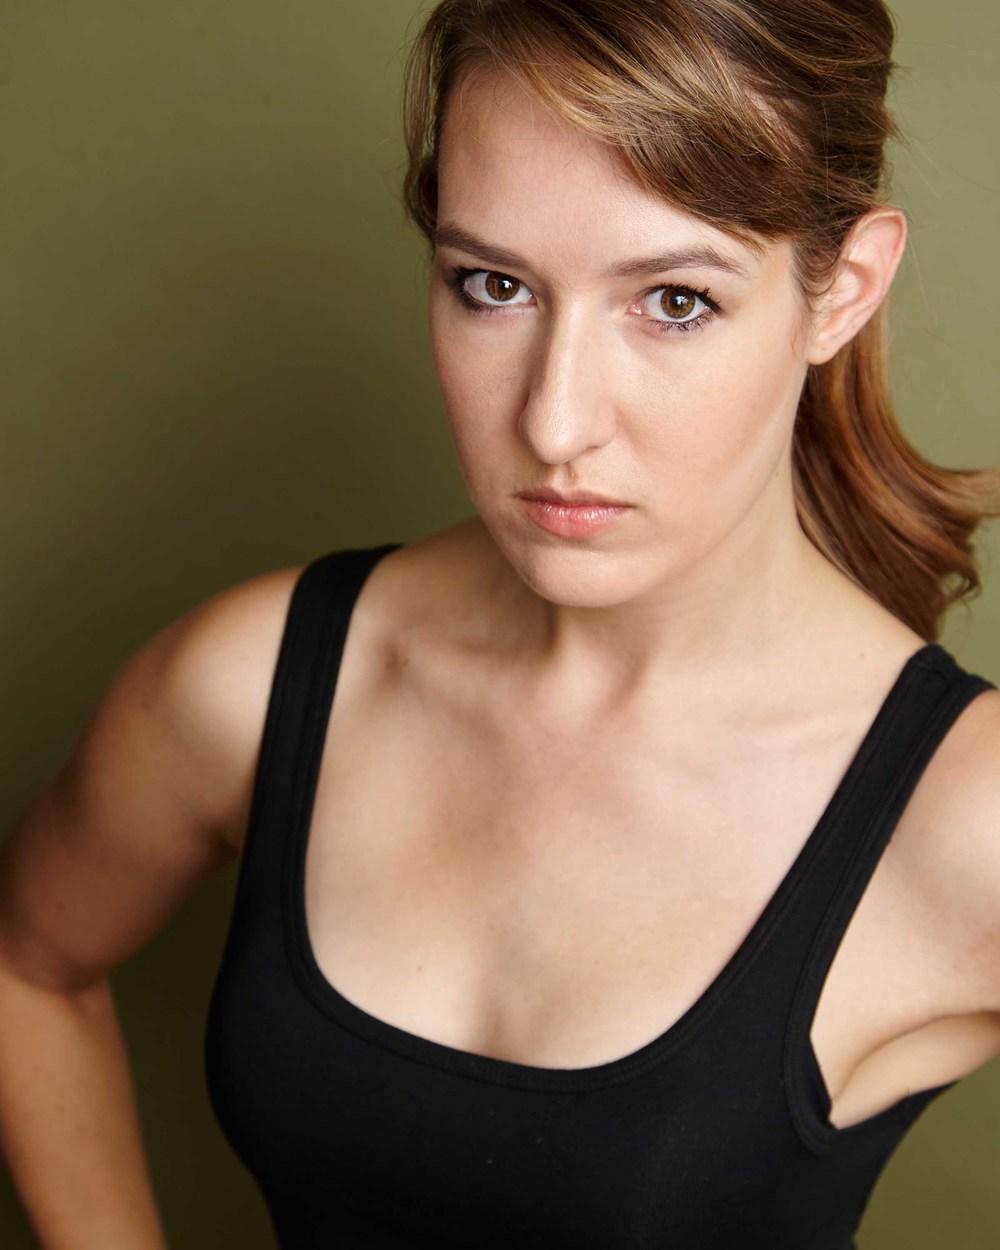 Sarah J Eagen Tough Girl.jpg